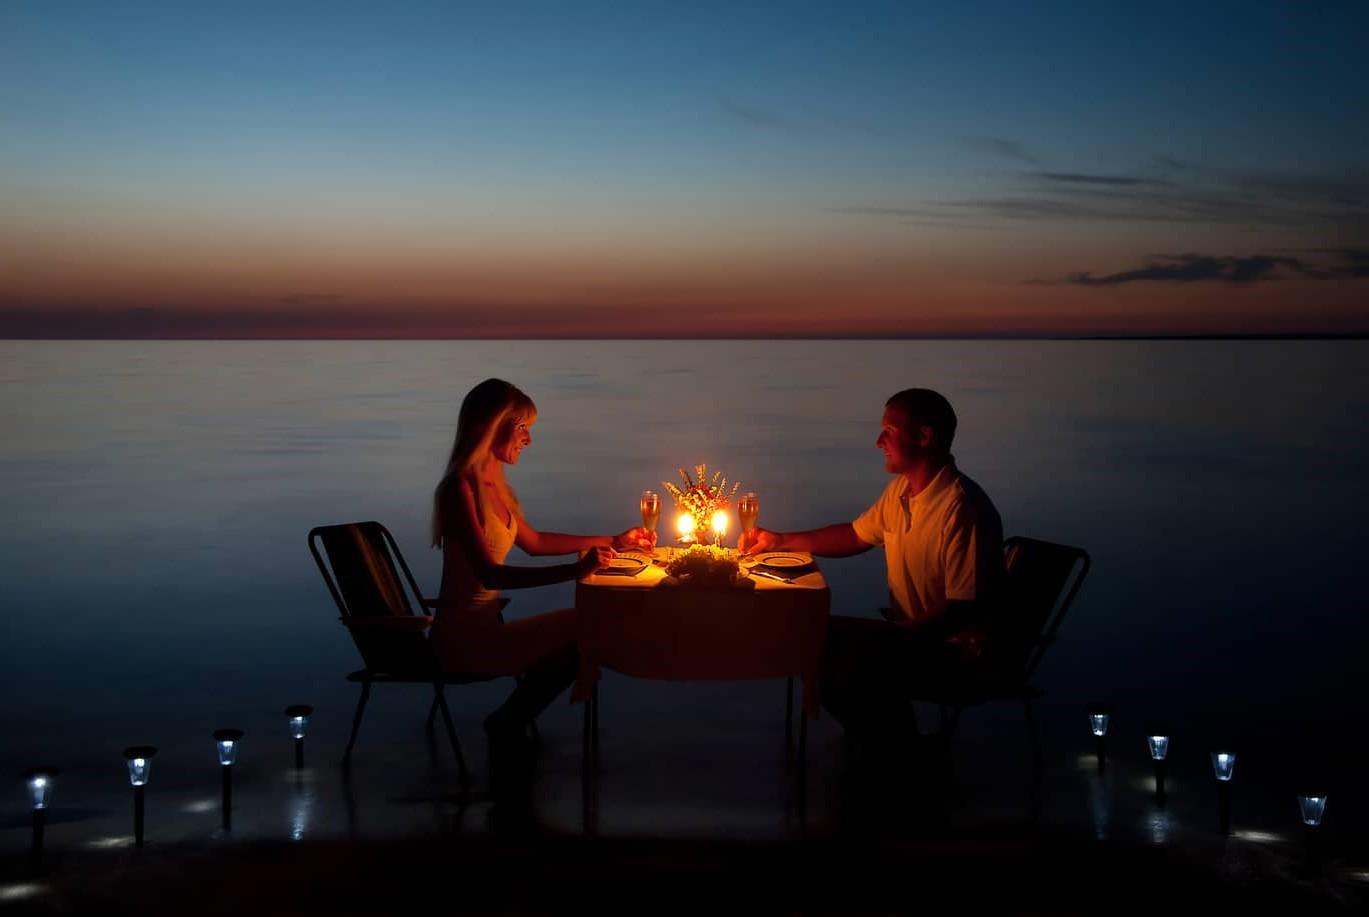 Dîner romantique avec des bougies au bord de la mer.